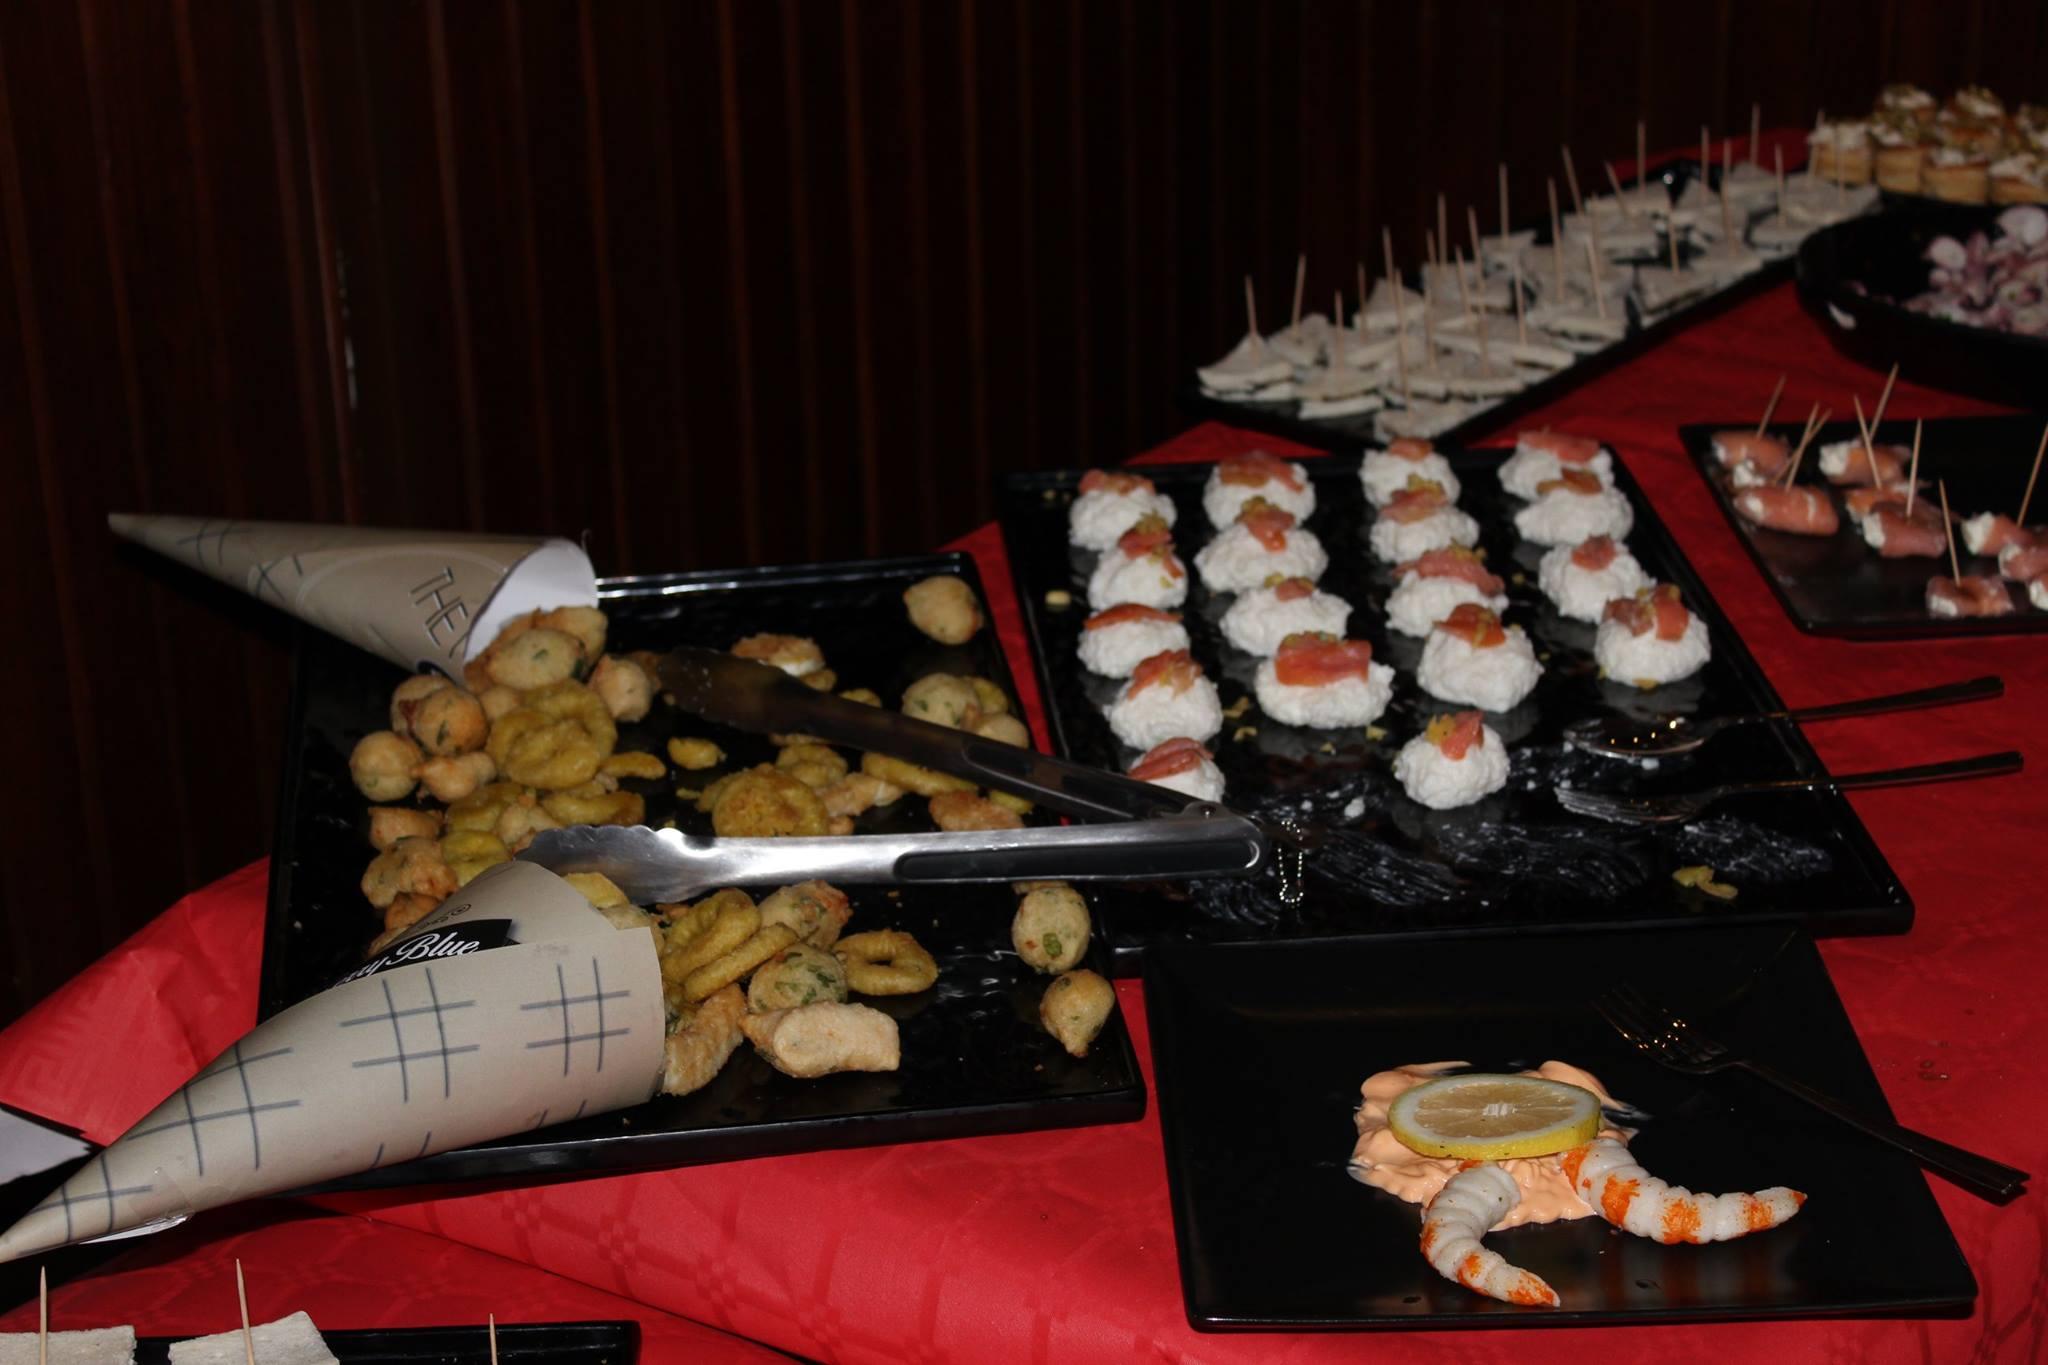 anelli fritti,gamberi,tartine,tramezzini e altro